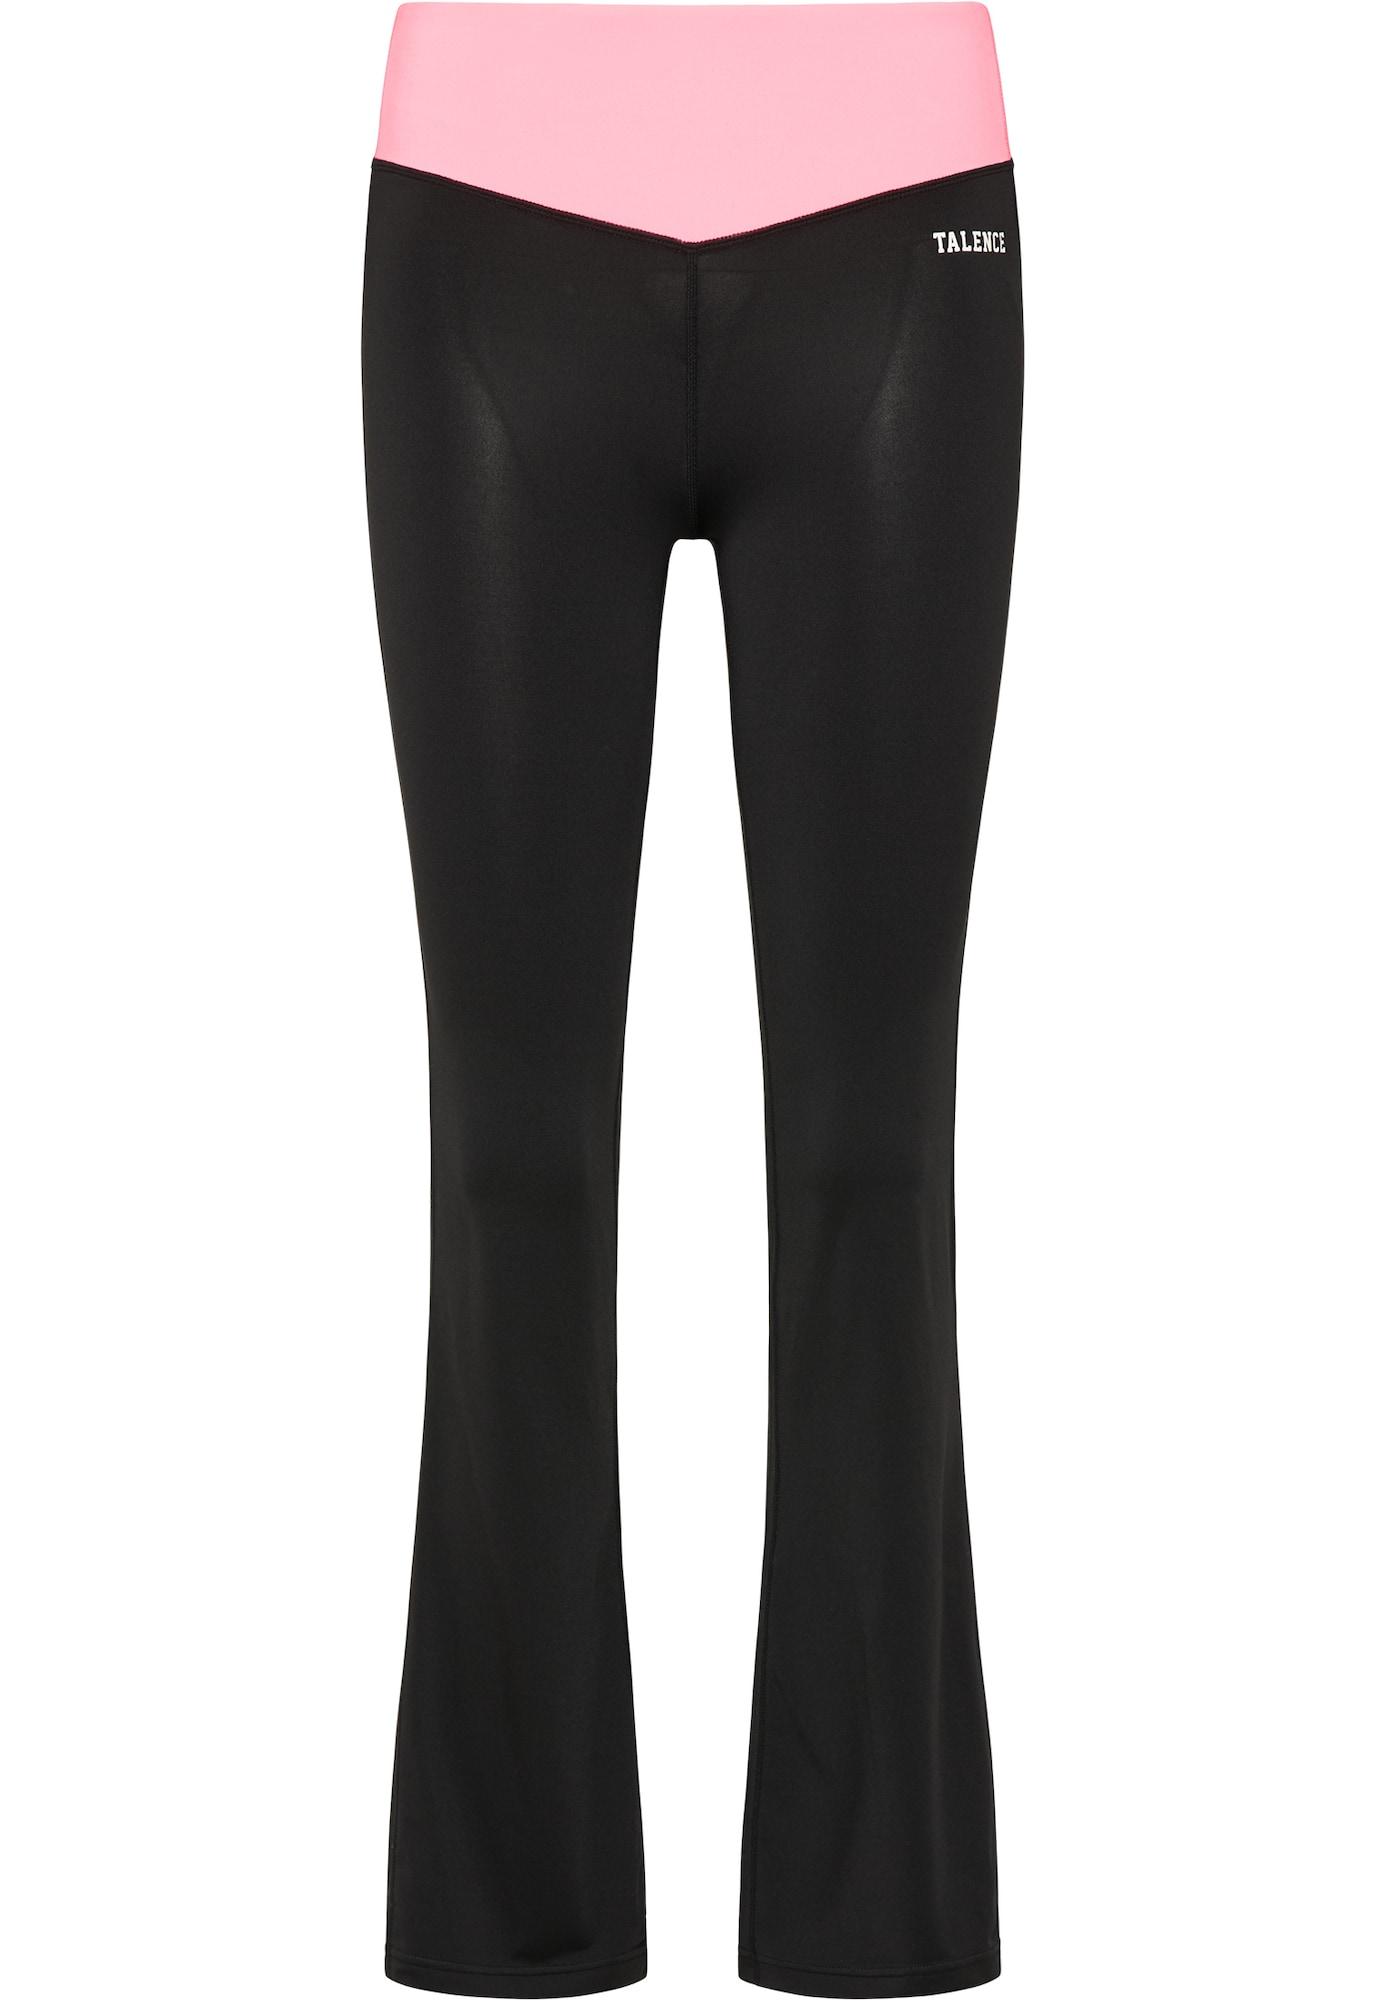 TALENCE Funkcinės kelnės juoda / šviesiai rožinė